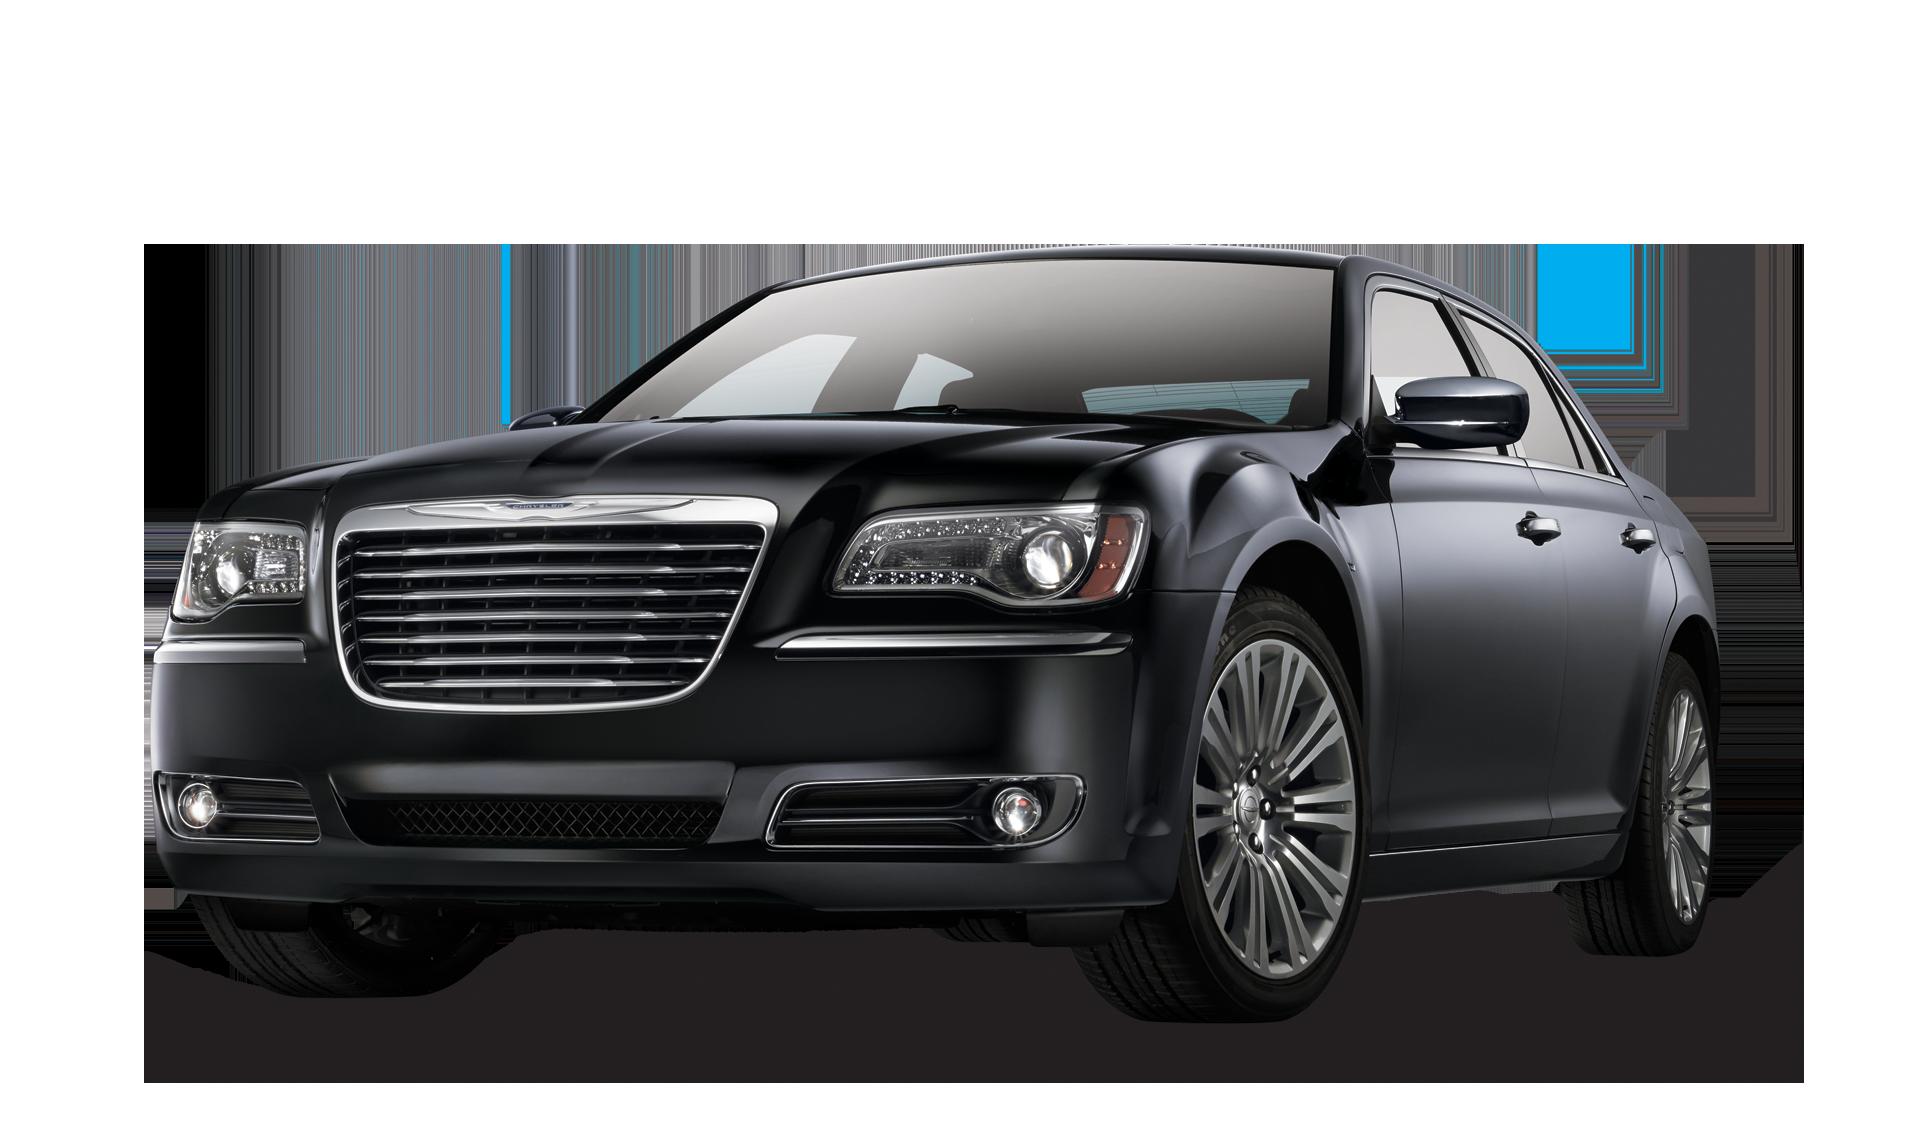 Used Chrysler 300 Srt8